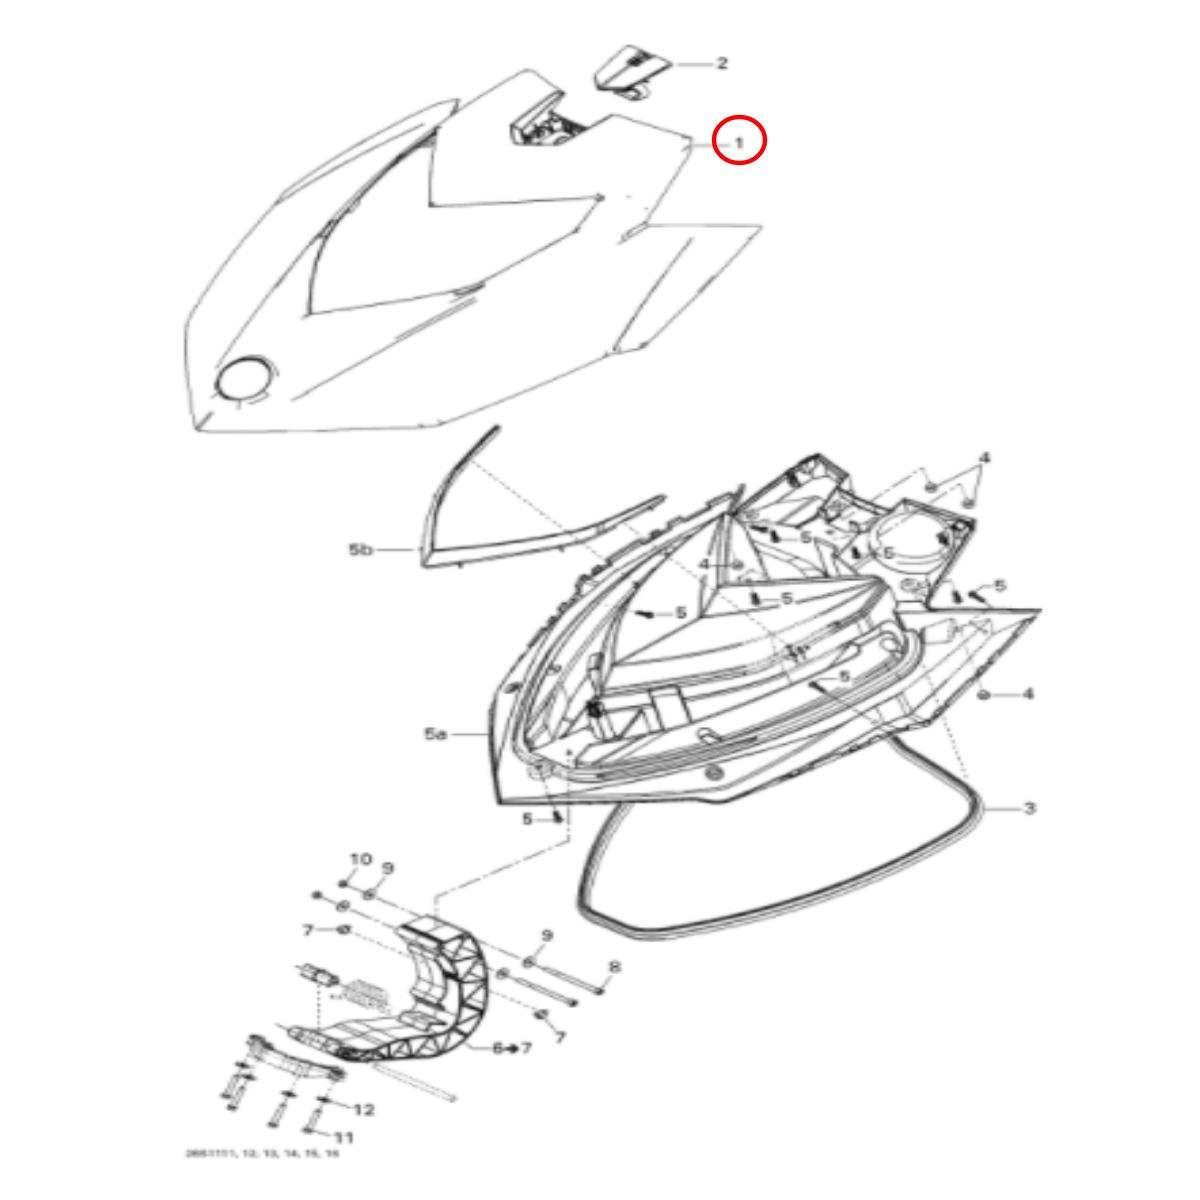 Carenagem Frontal Superior Sea Doo GTI 4 Tec 2011  - Radical Peças - Peças para Jet Ski